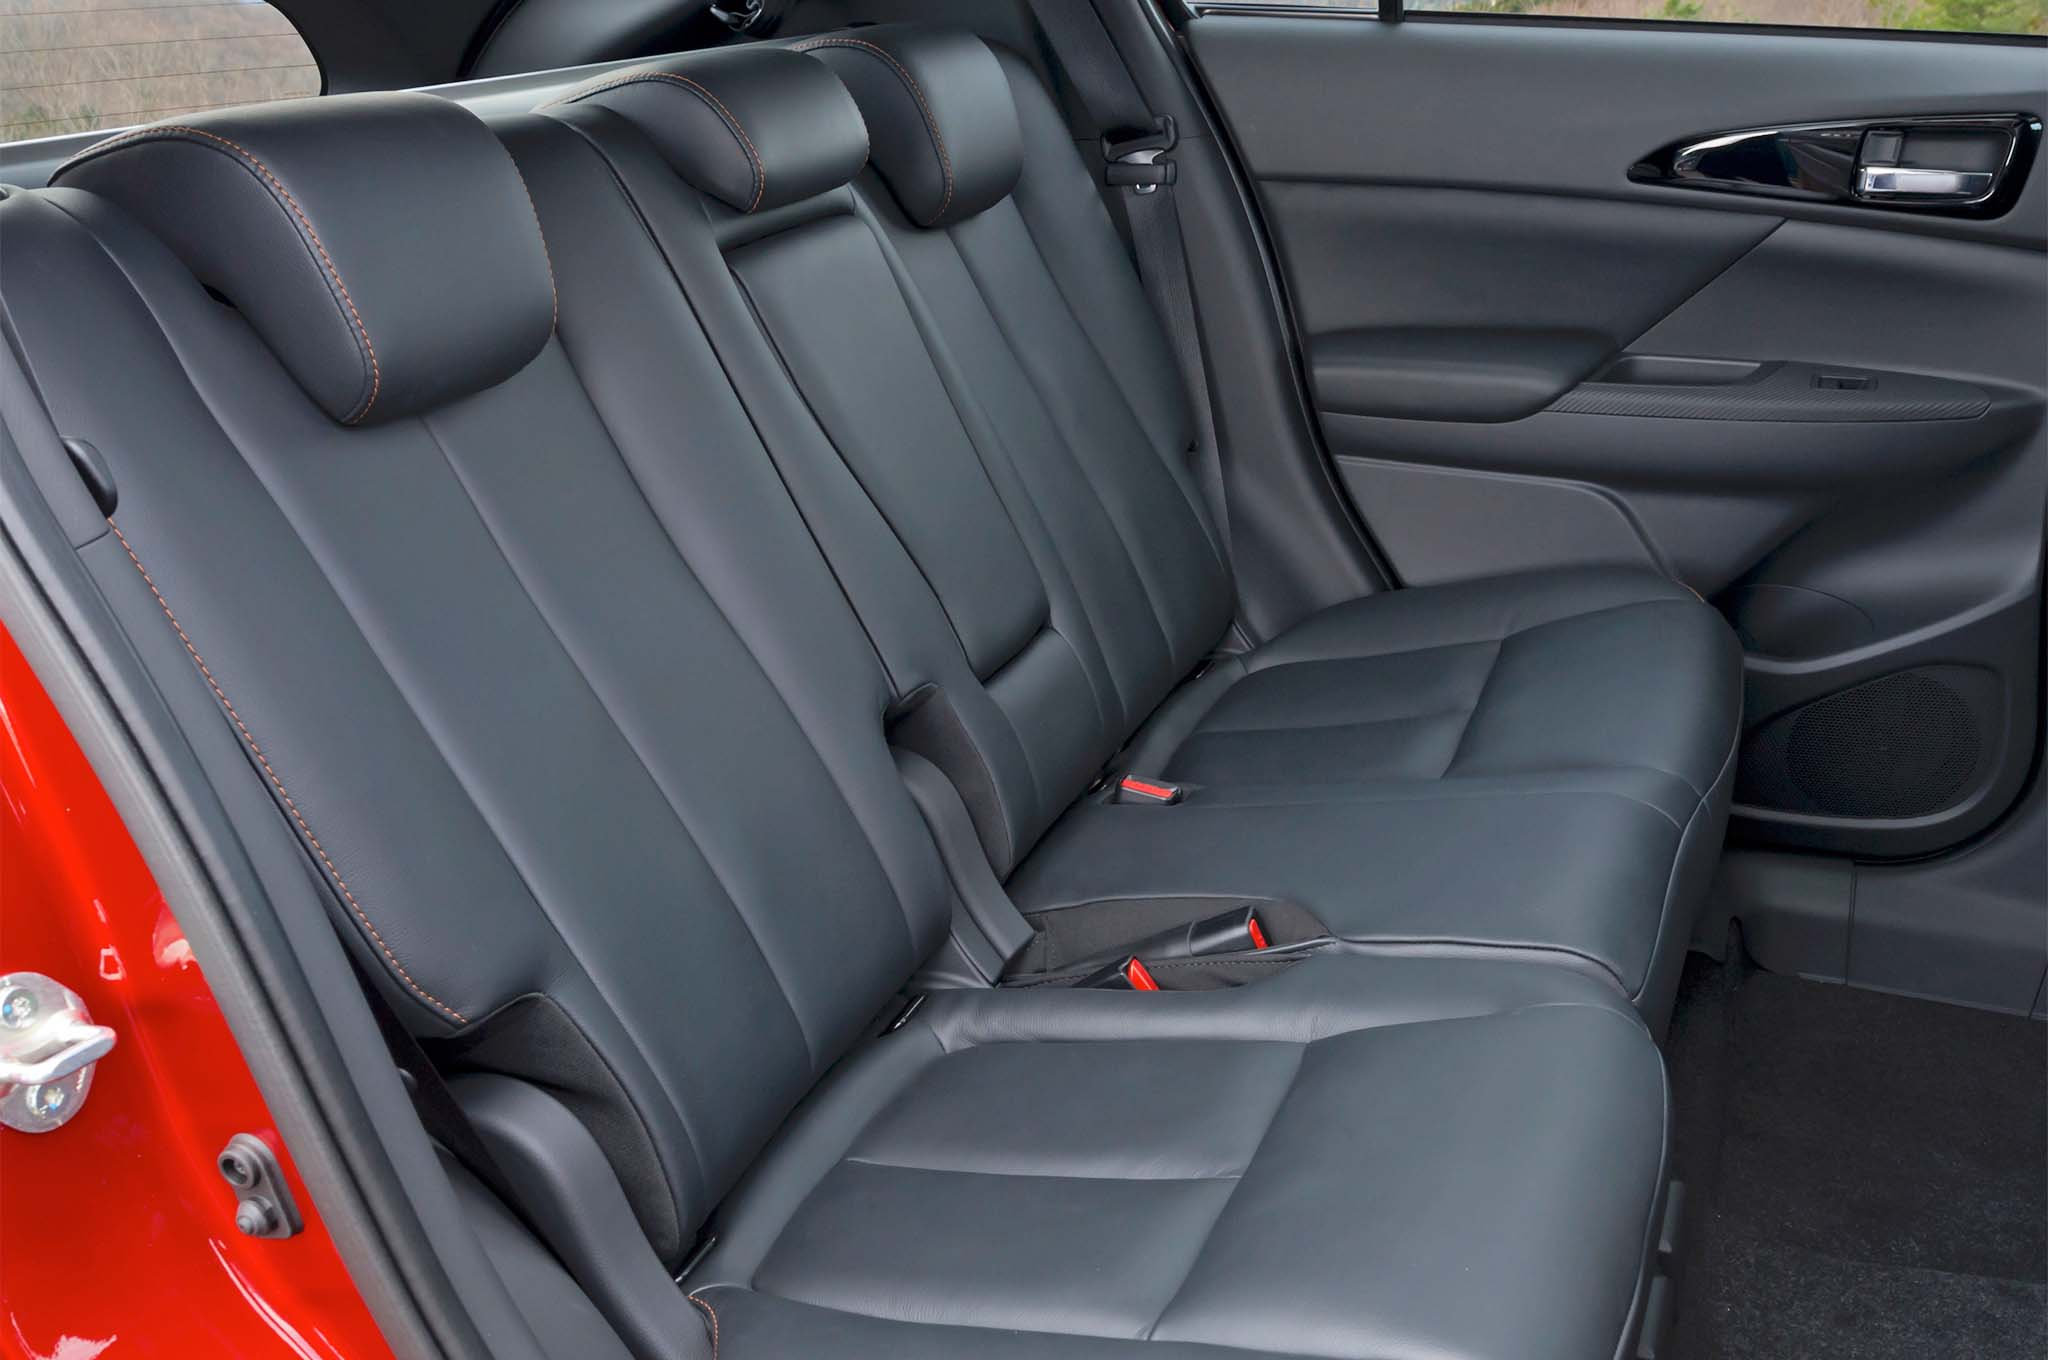 2018 Mitsubishi Eclipse Cross Rear Interior Seats 1